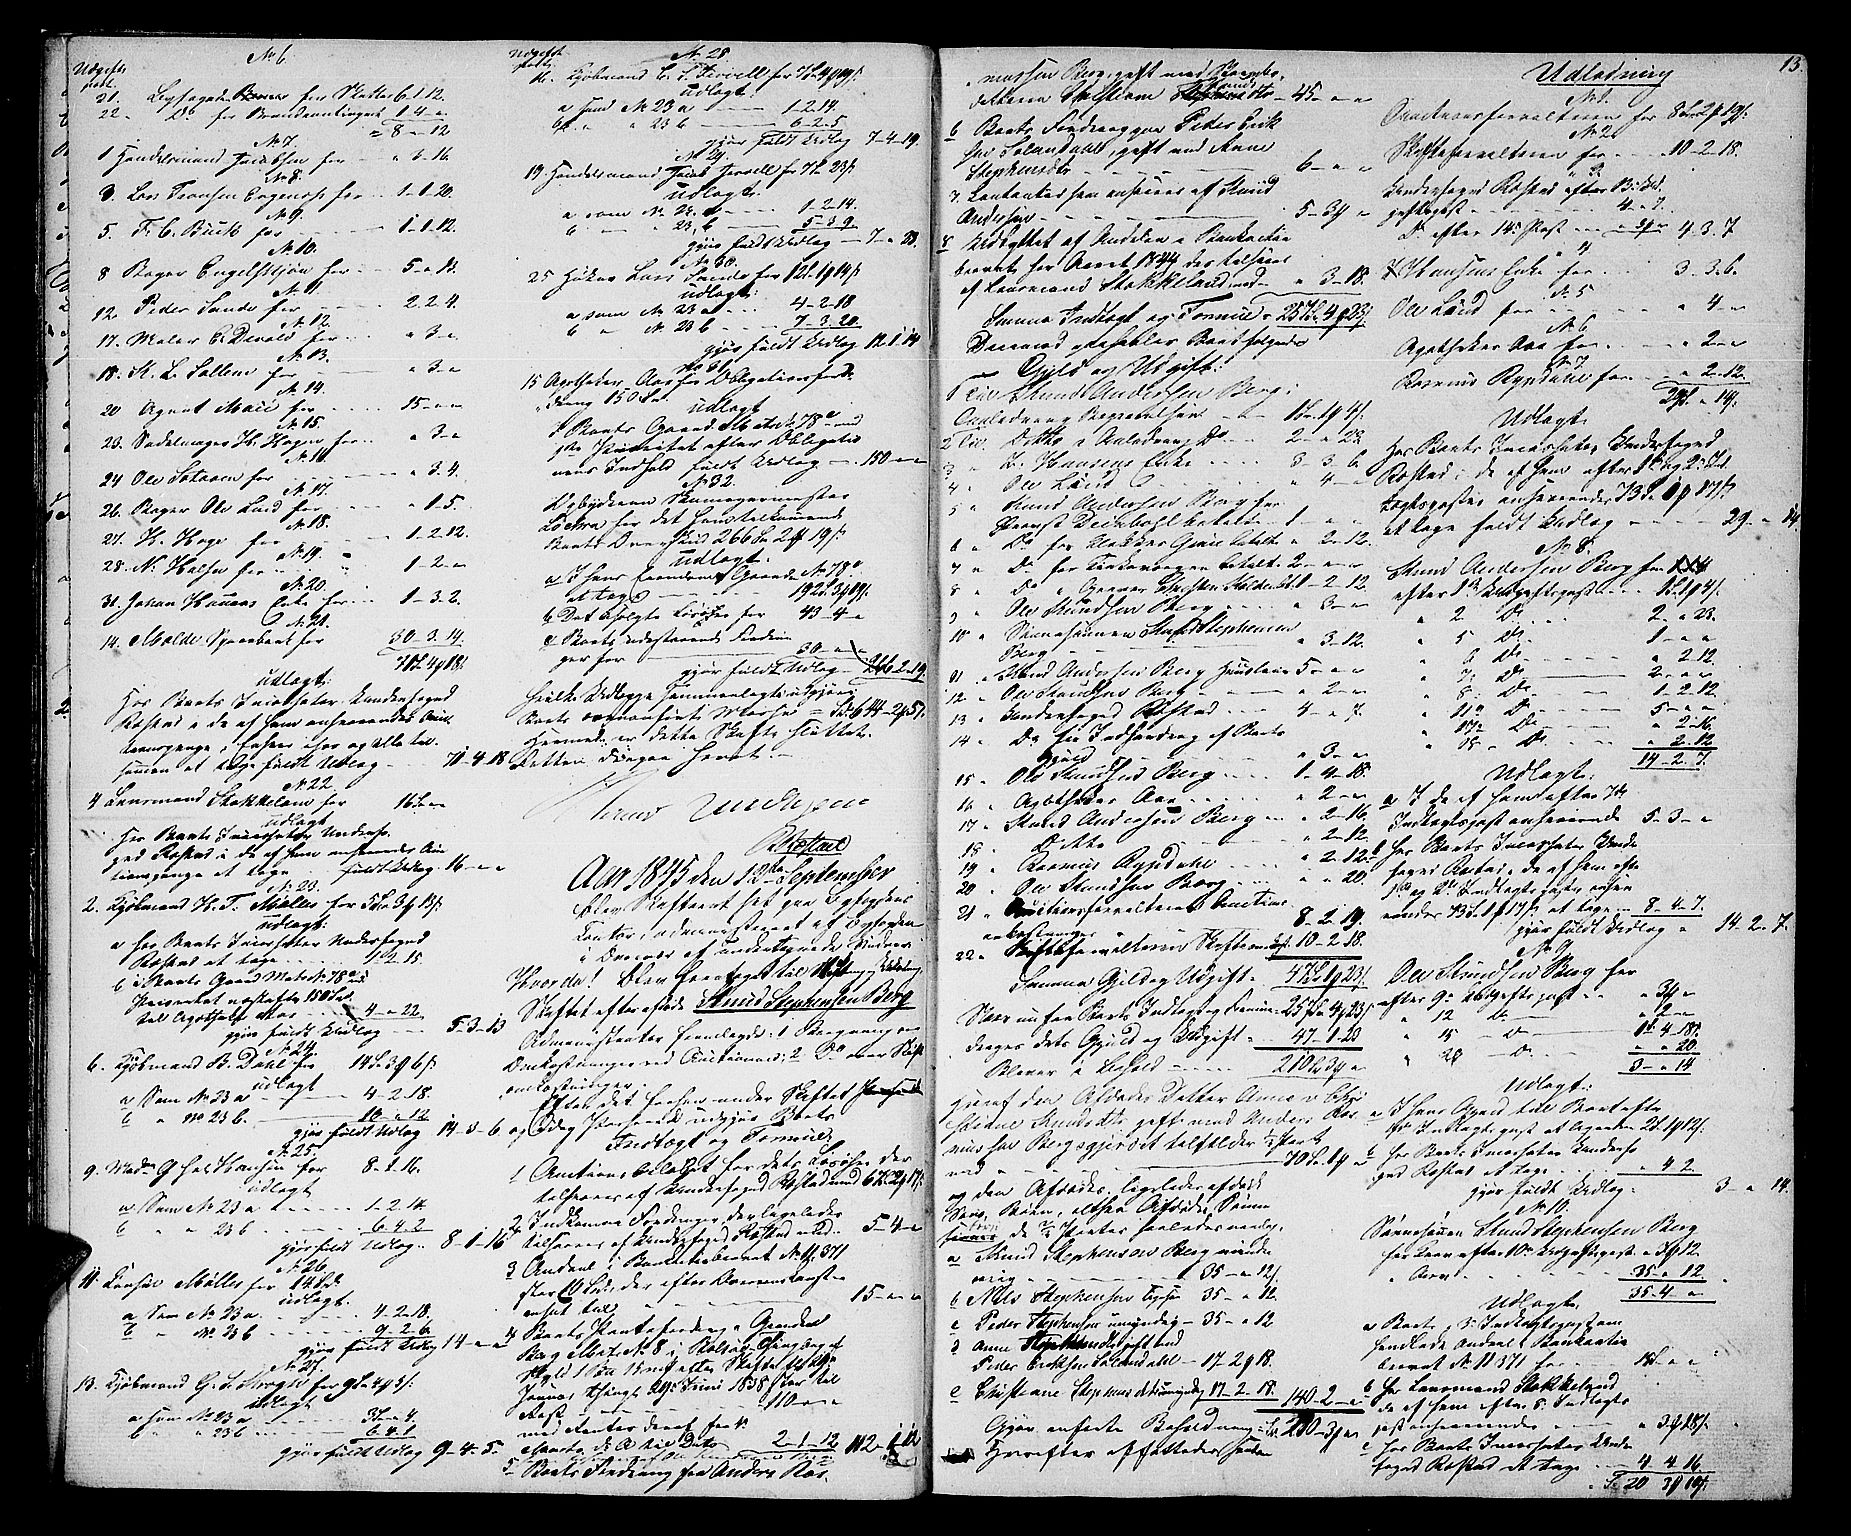 SAT, Molde byfogd, 3/3Ab/L0001: Skifteutlodningsprotokoll, 1842-1867, s. 13